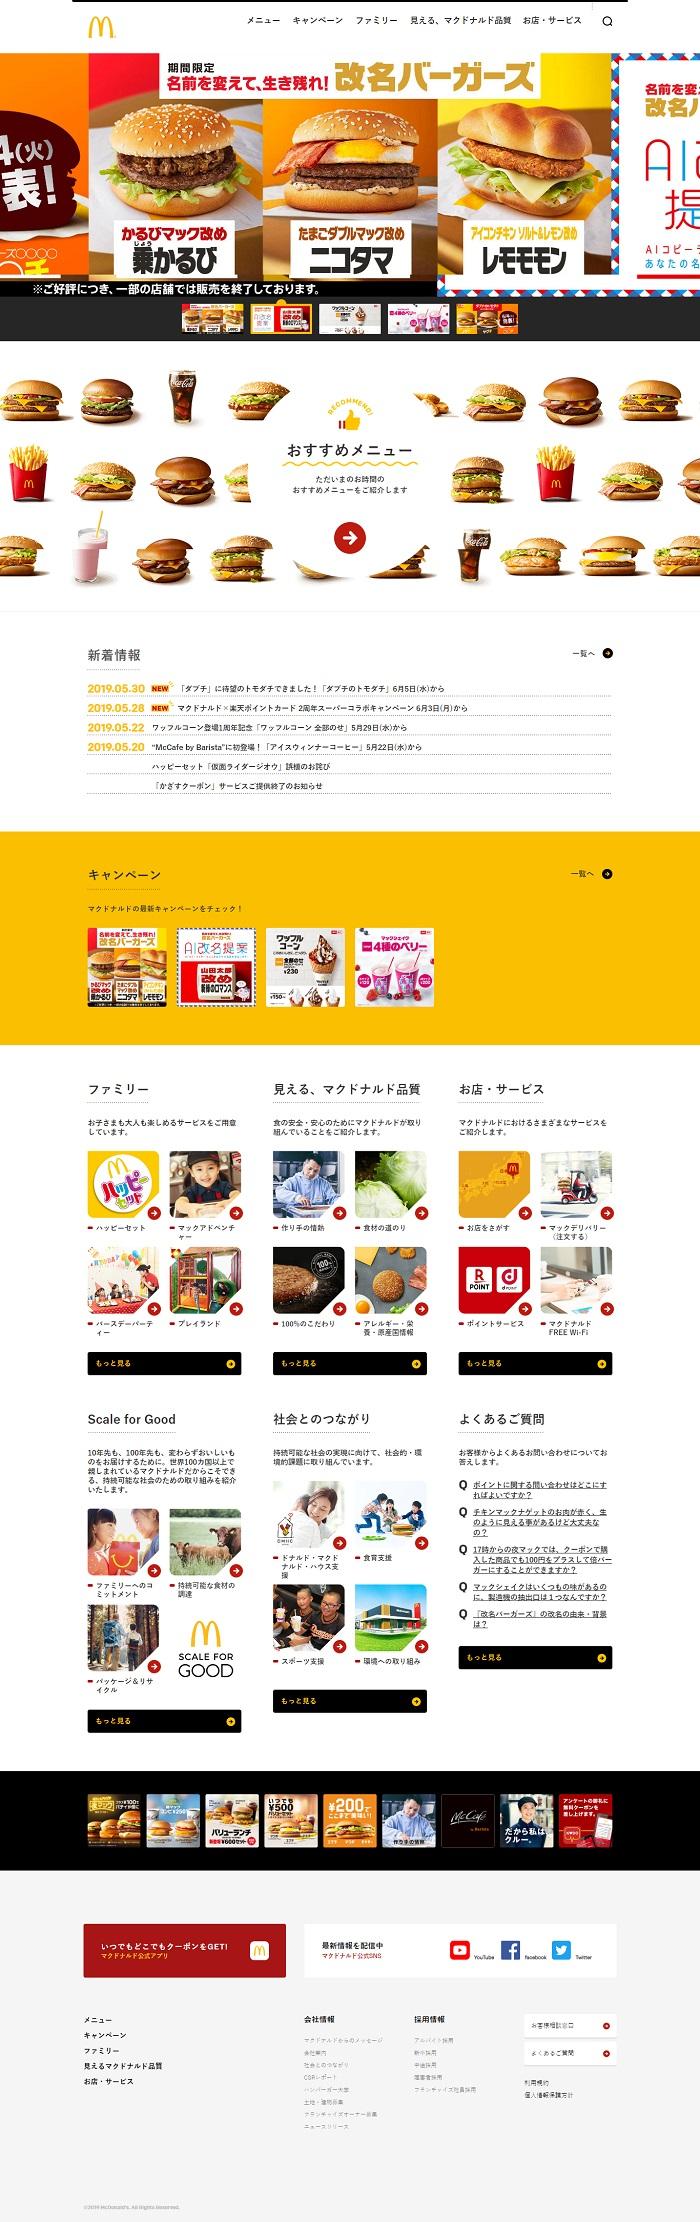 マクドナルド公式サイト | McDonalds Japan